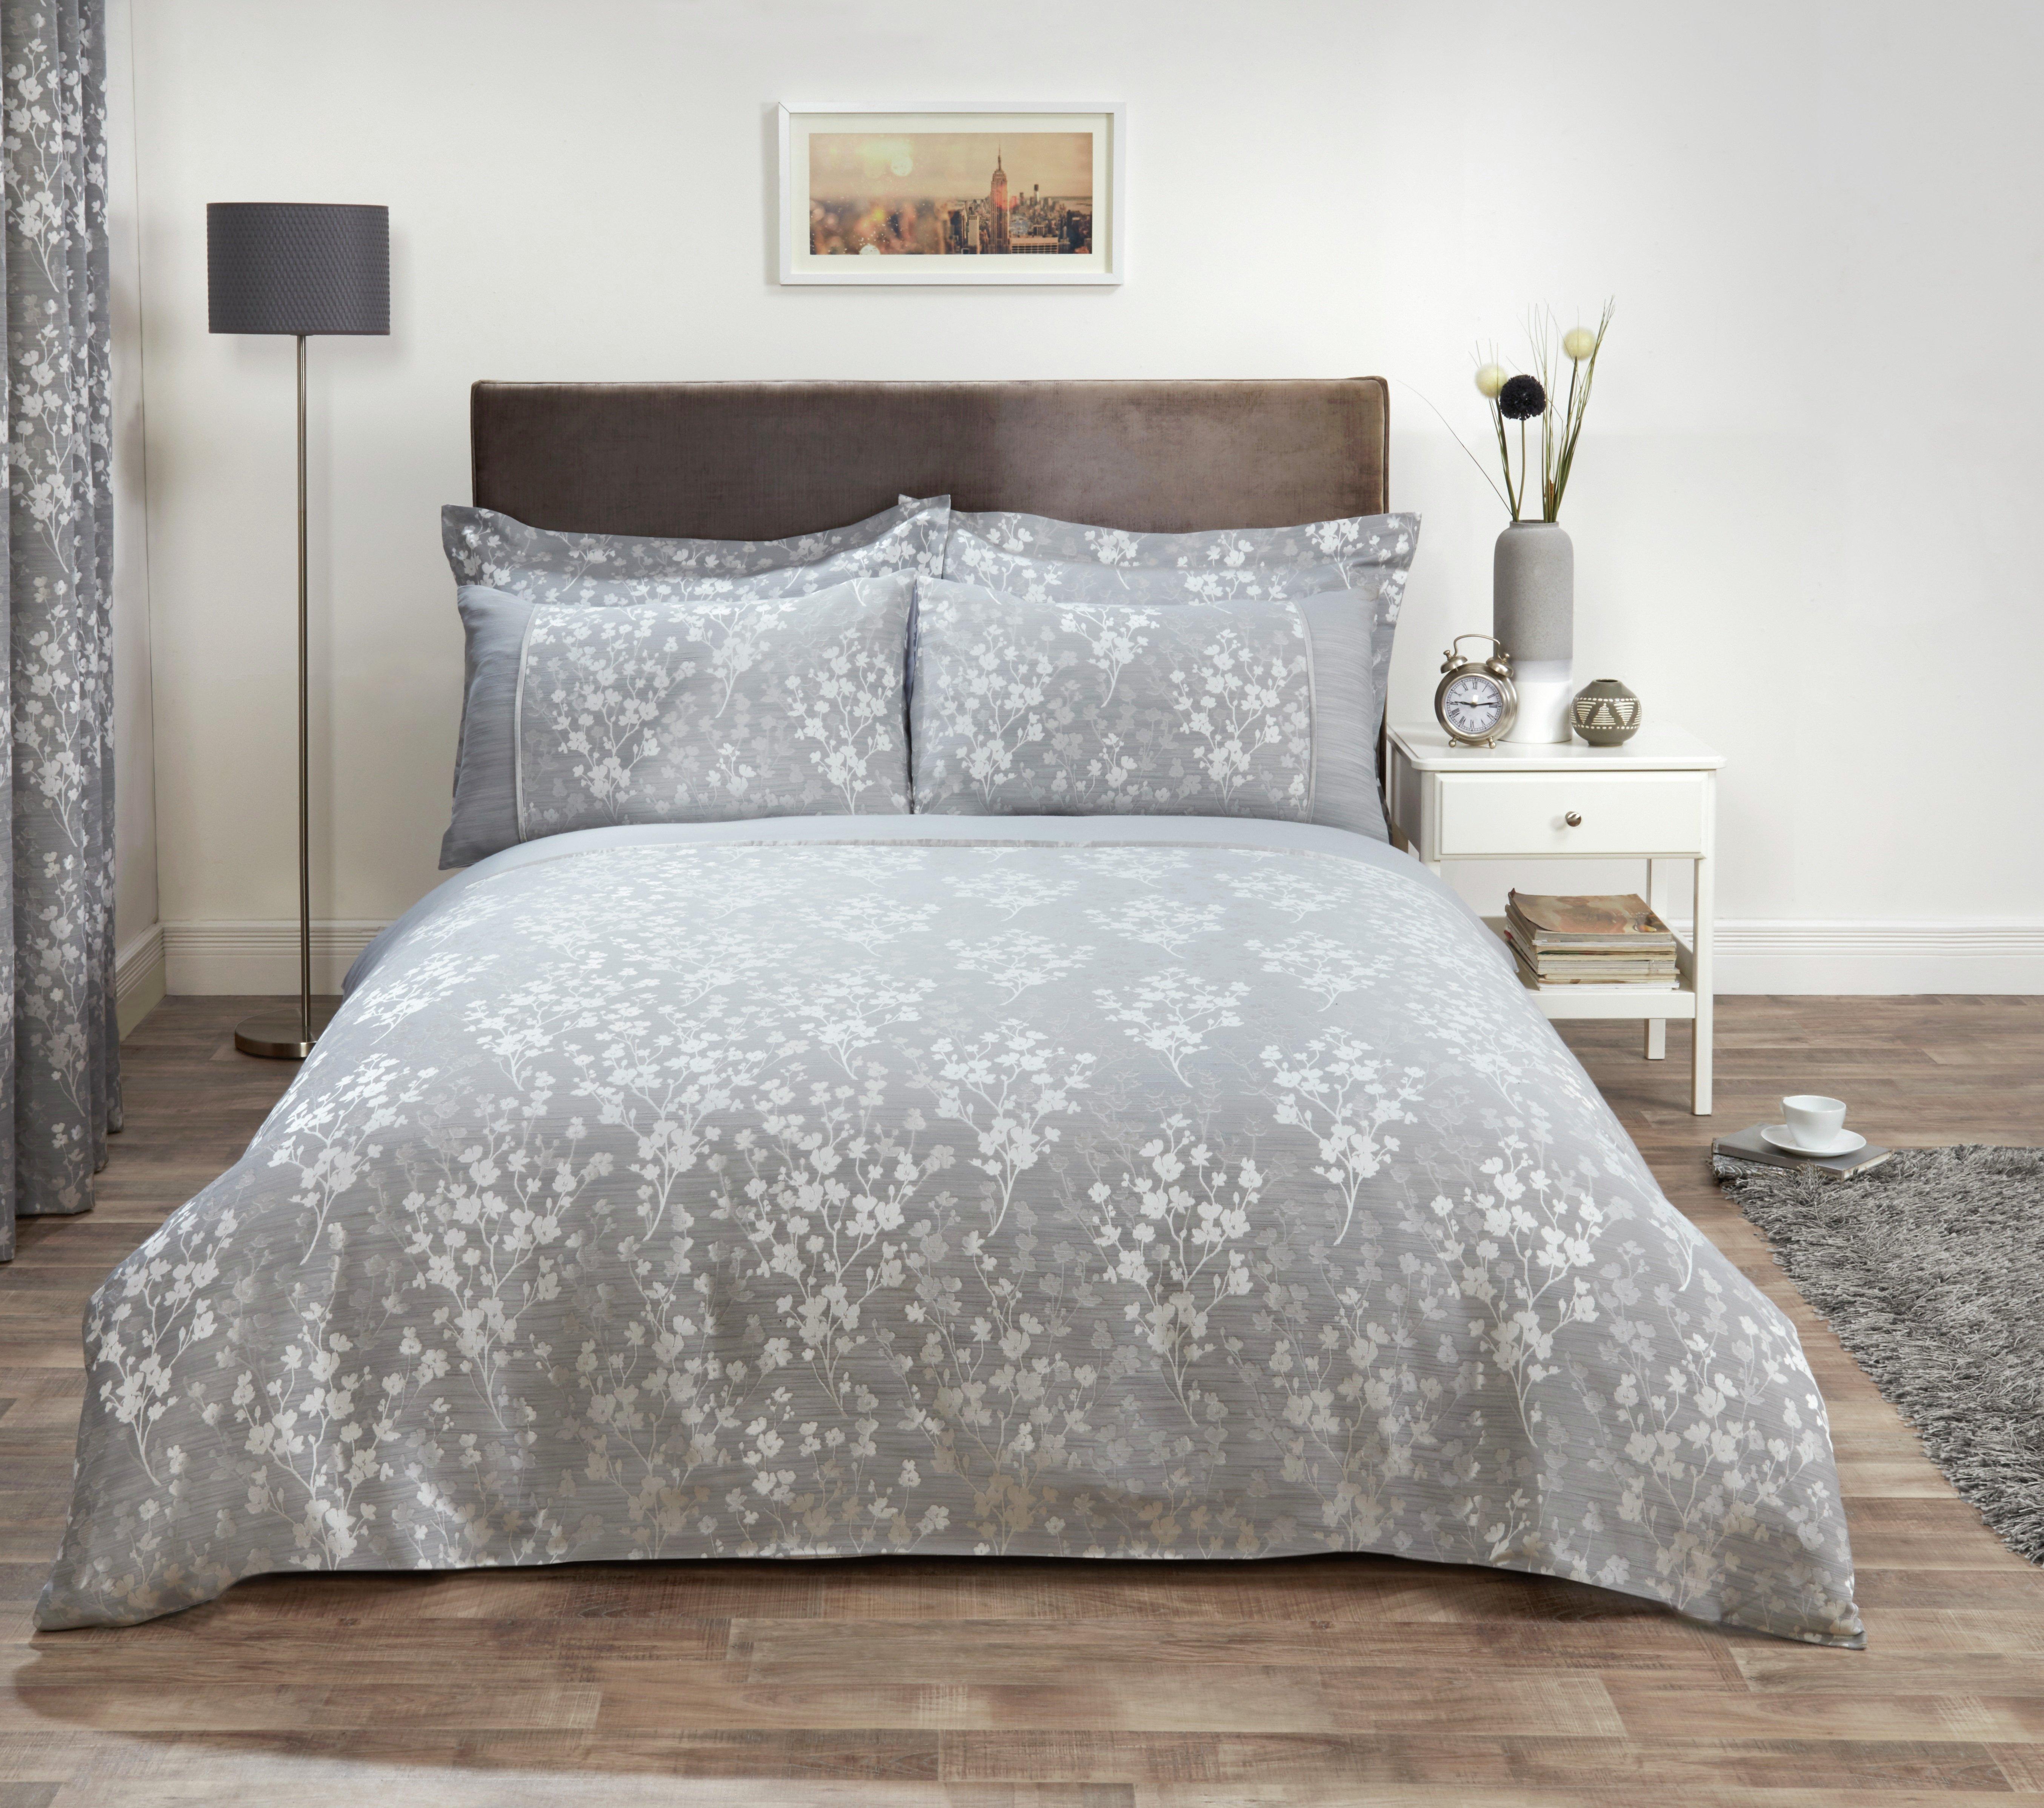 julian charles blossom silver duvet cover kingsize